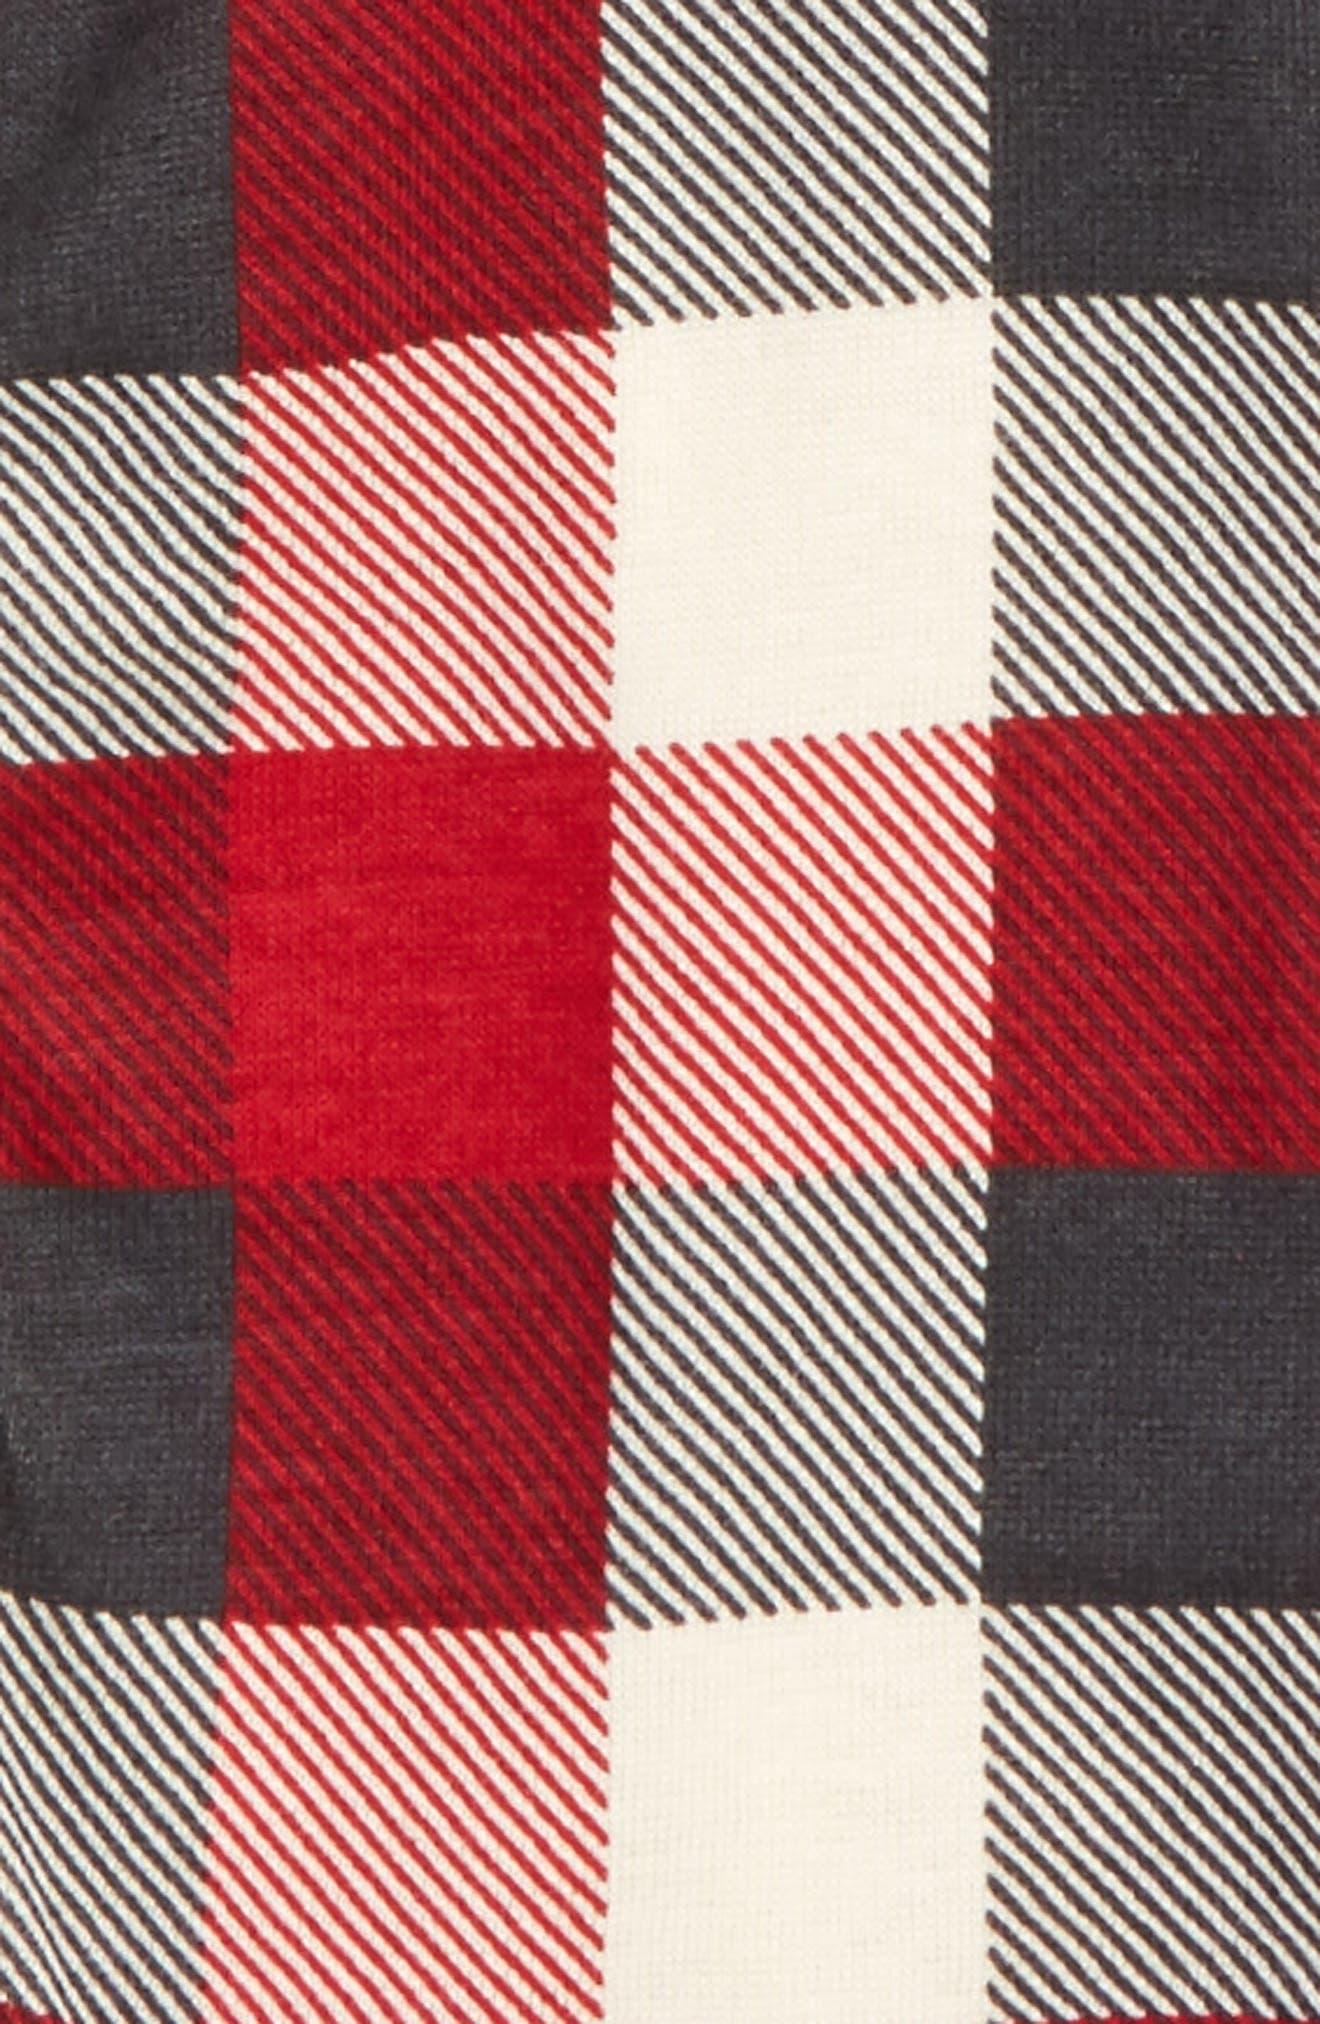 Plaid Organic Cotton Romper & Hat Set,                             Alternate thumbnail 2, color,                             620